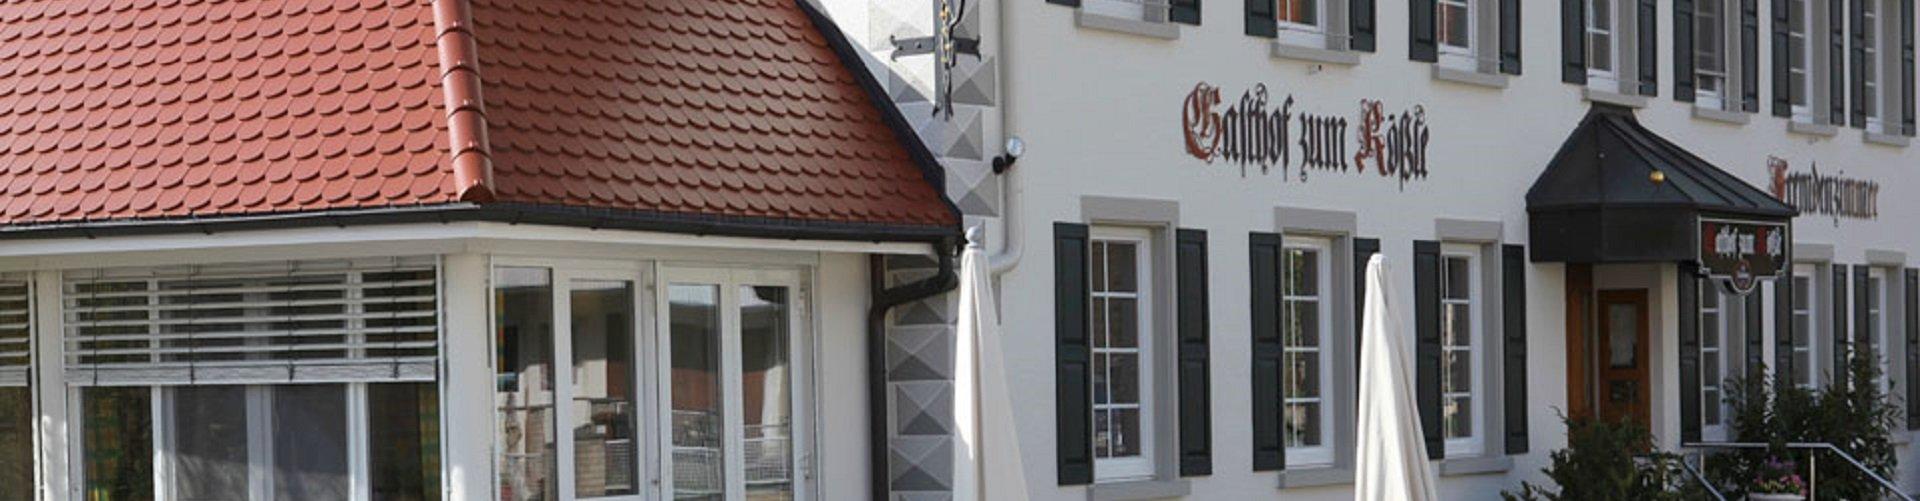 Banner foto Gasthof zum Rössle in Hüfingen-Fürstenberg